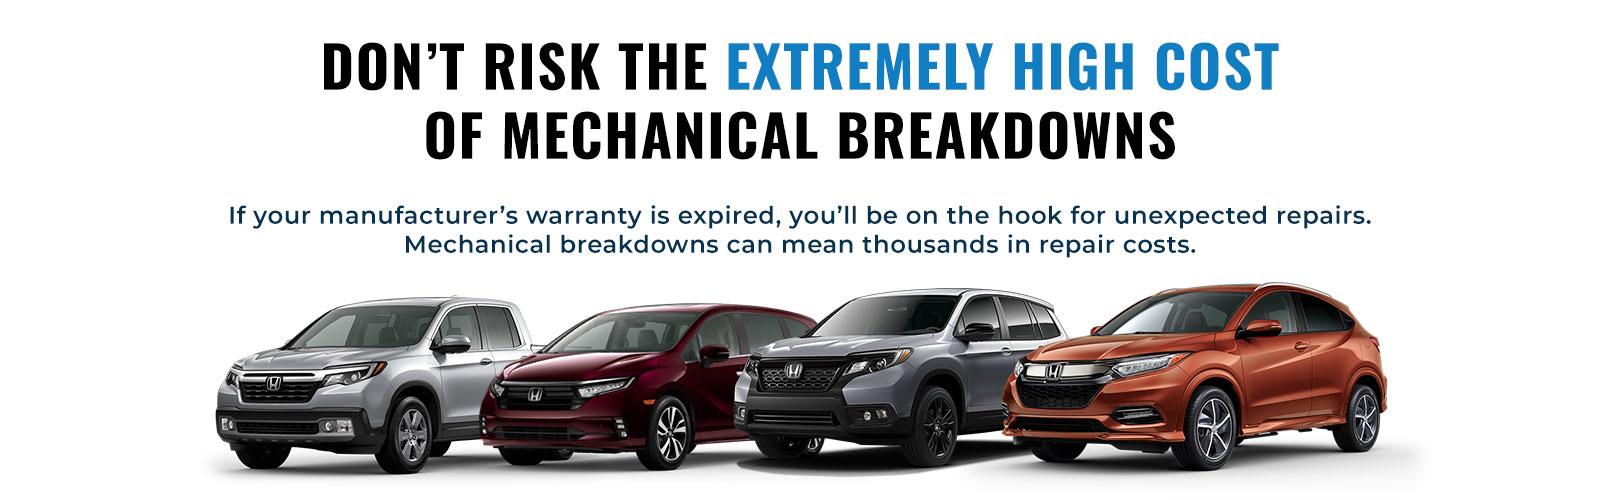 mechanical breakdowns